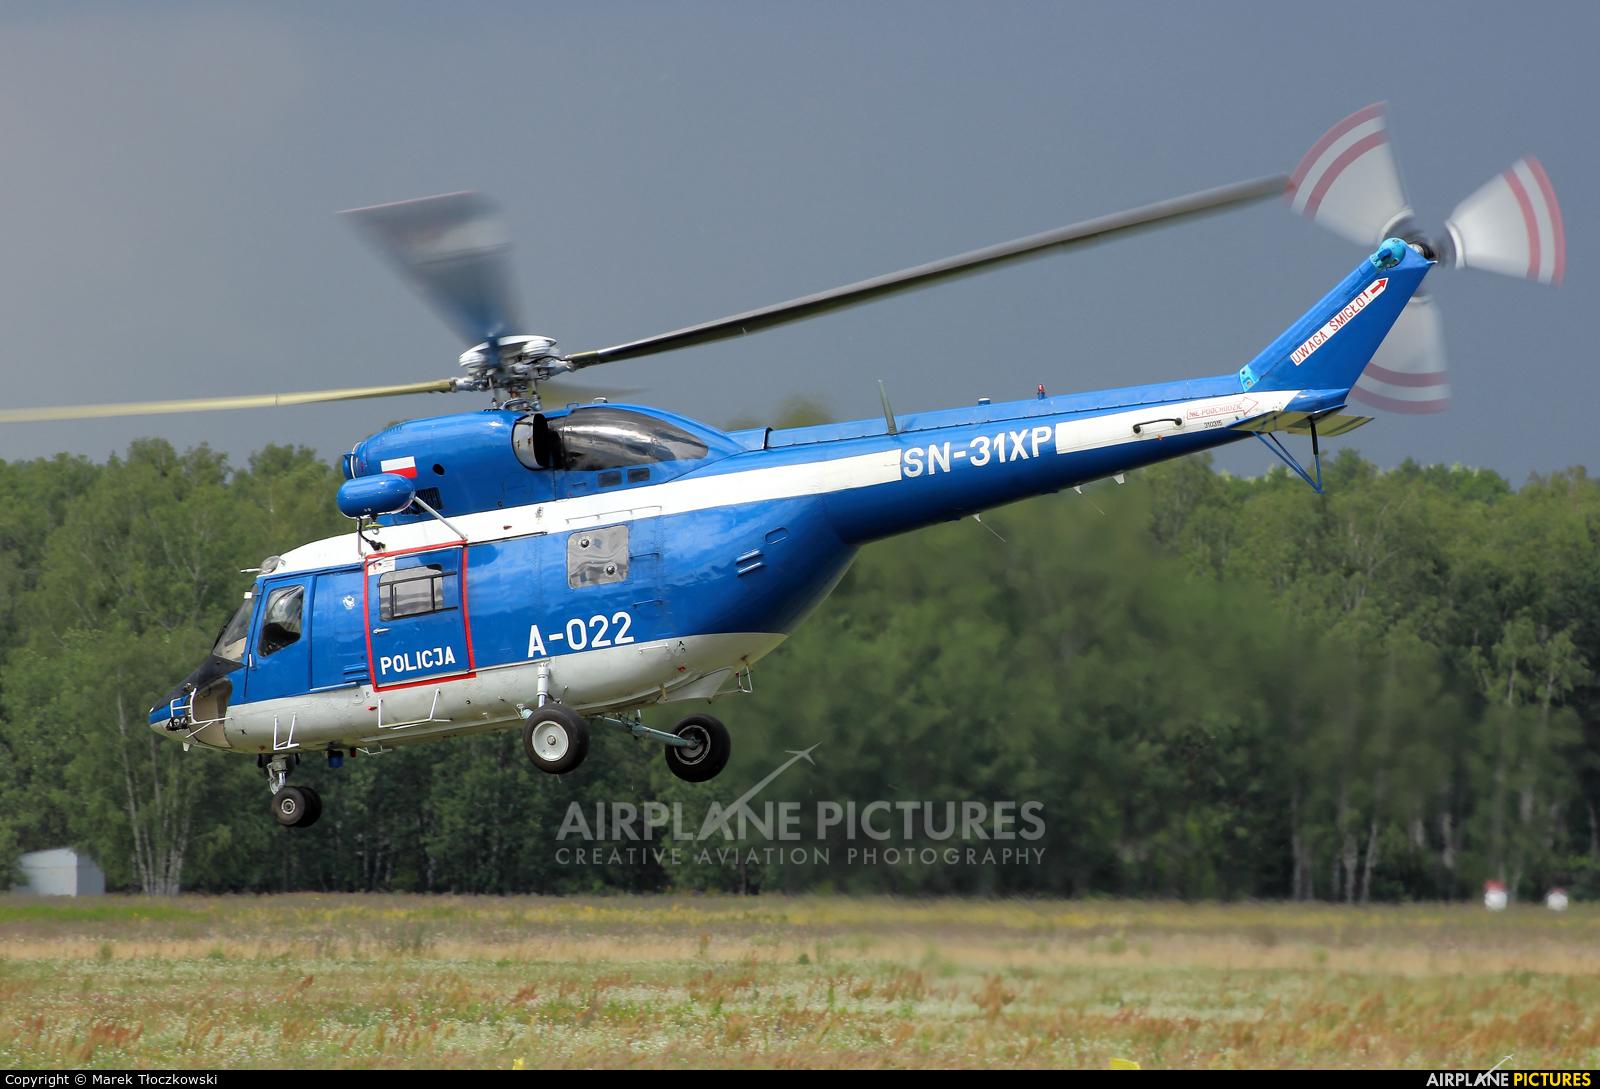 Poland - Police SN-31XP aircraft at Warsaw - Babice